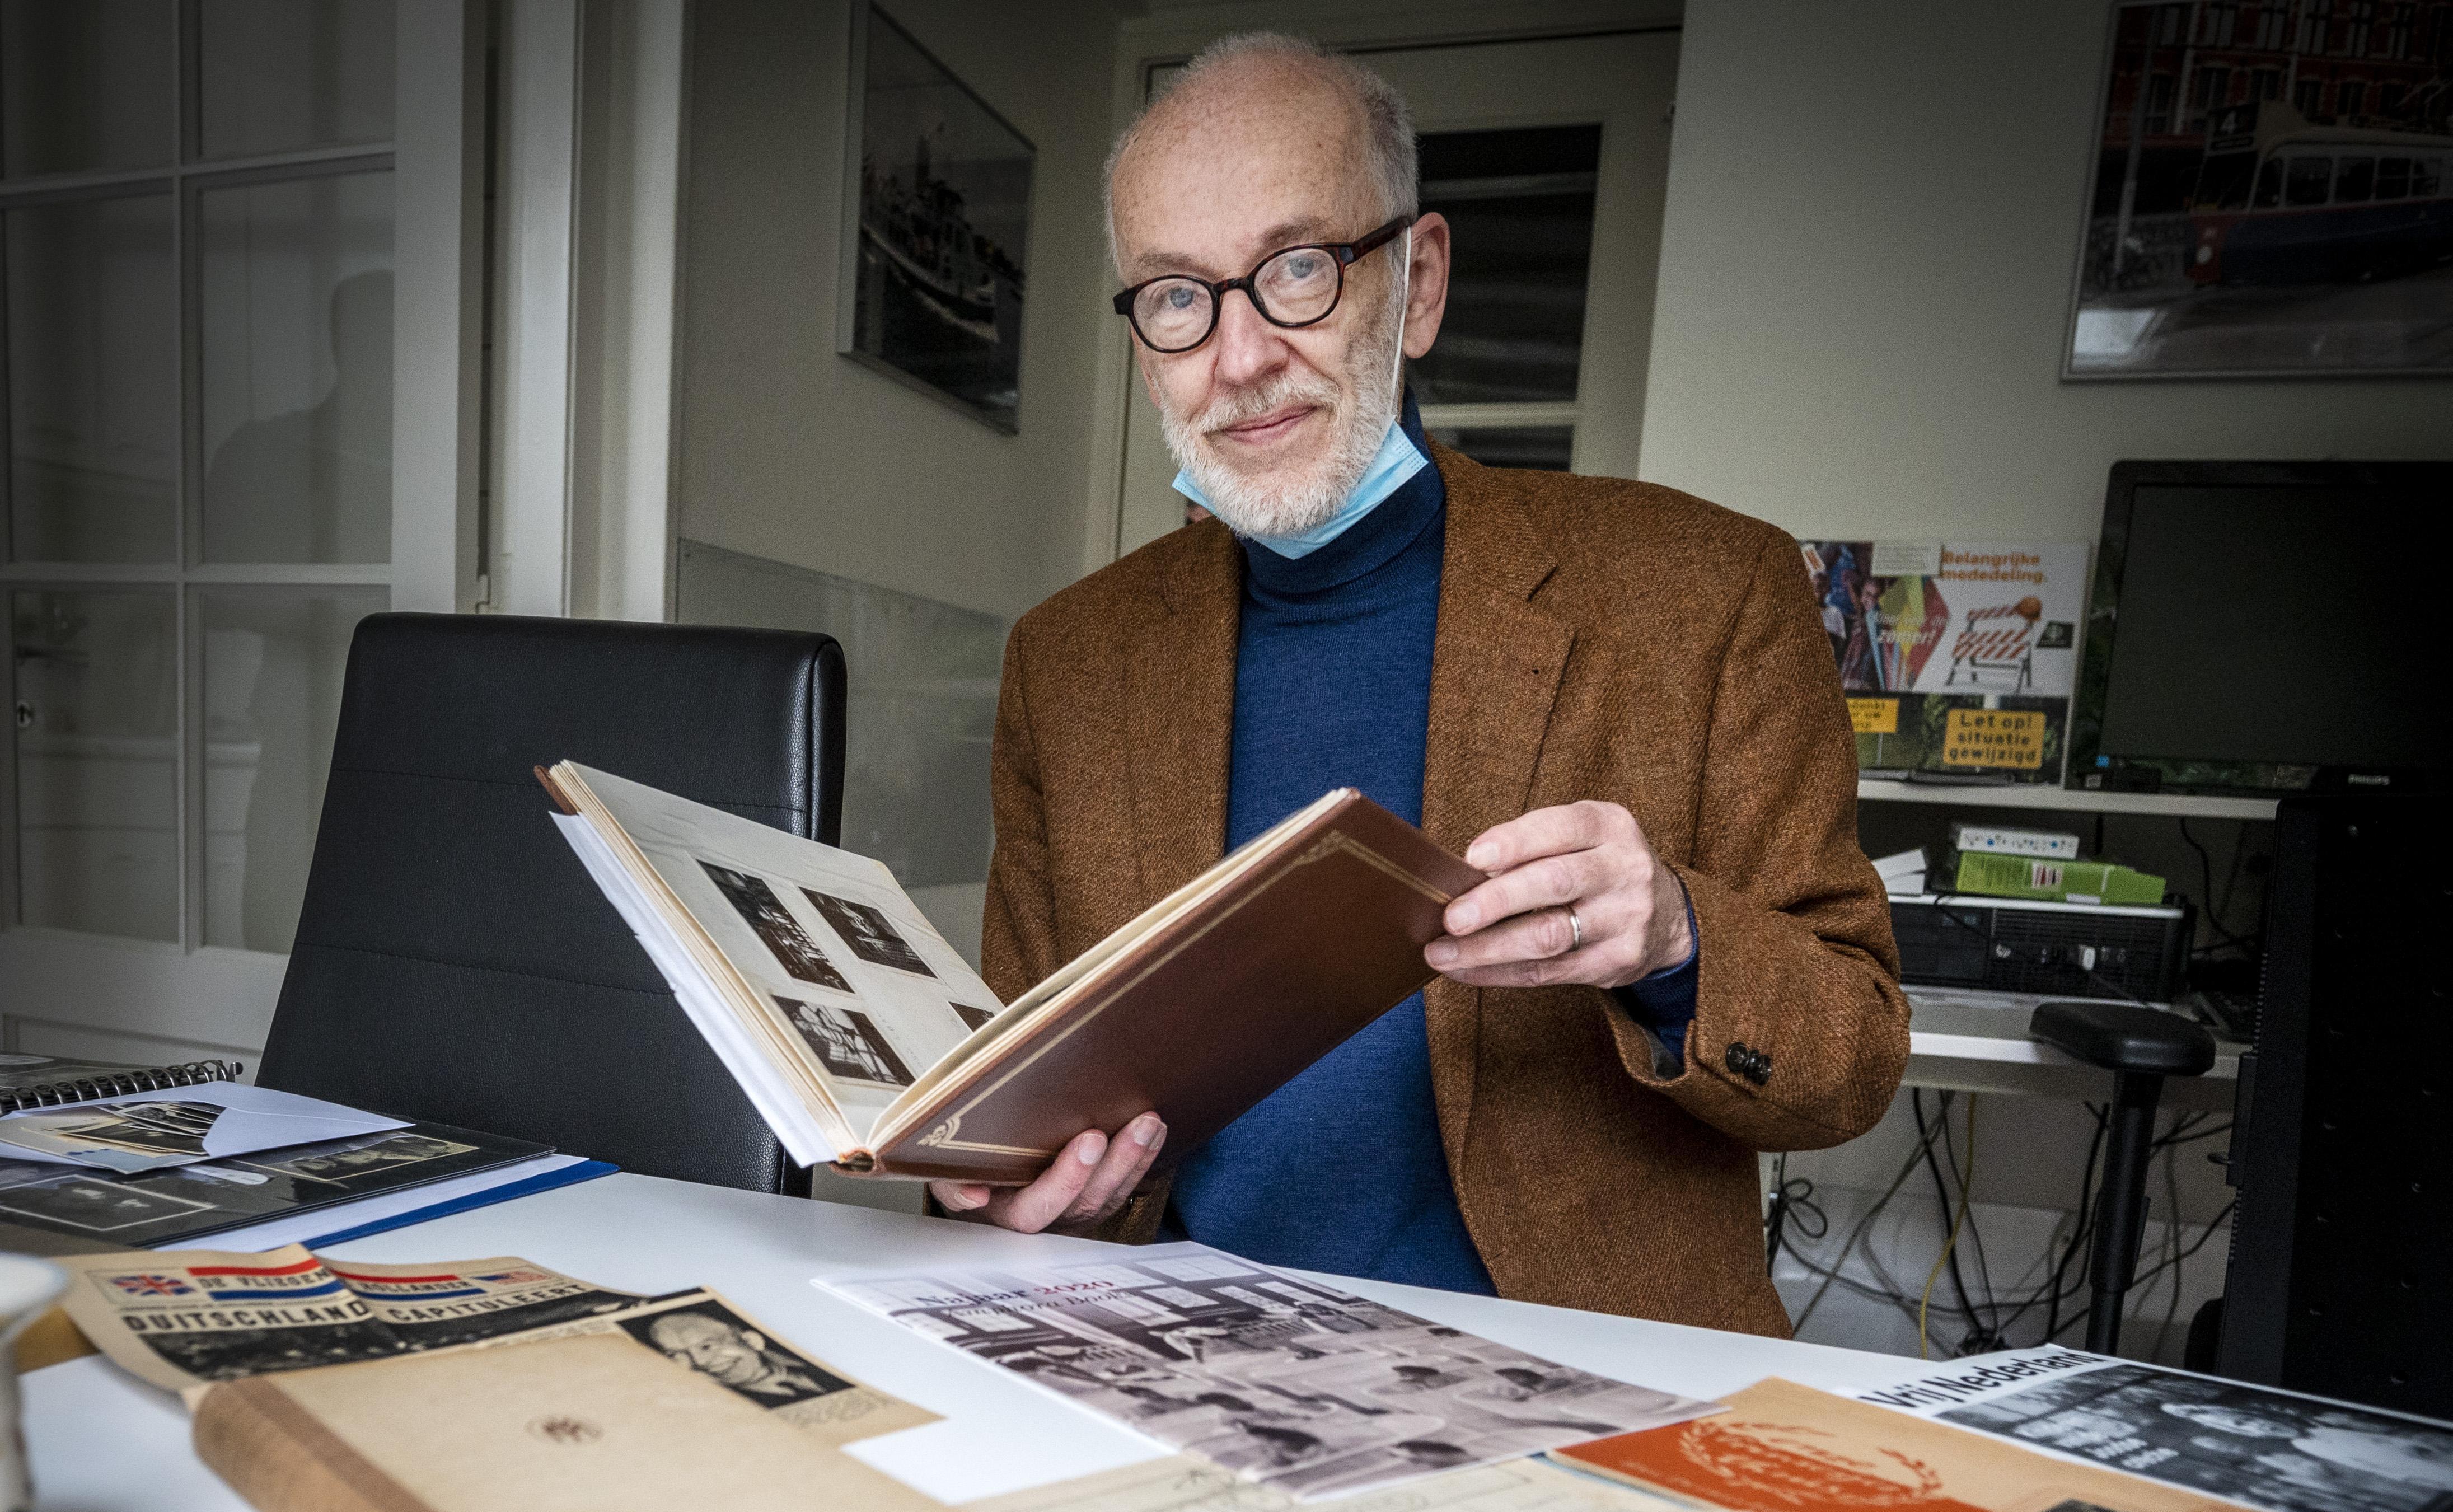 Boek onthult: honderden Joodse kinderen gered tijdens Tweede Wereldoorlog door onderduikcrèche